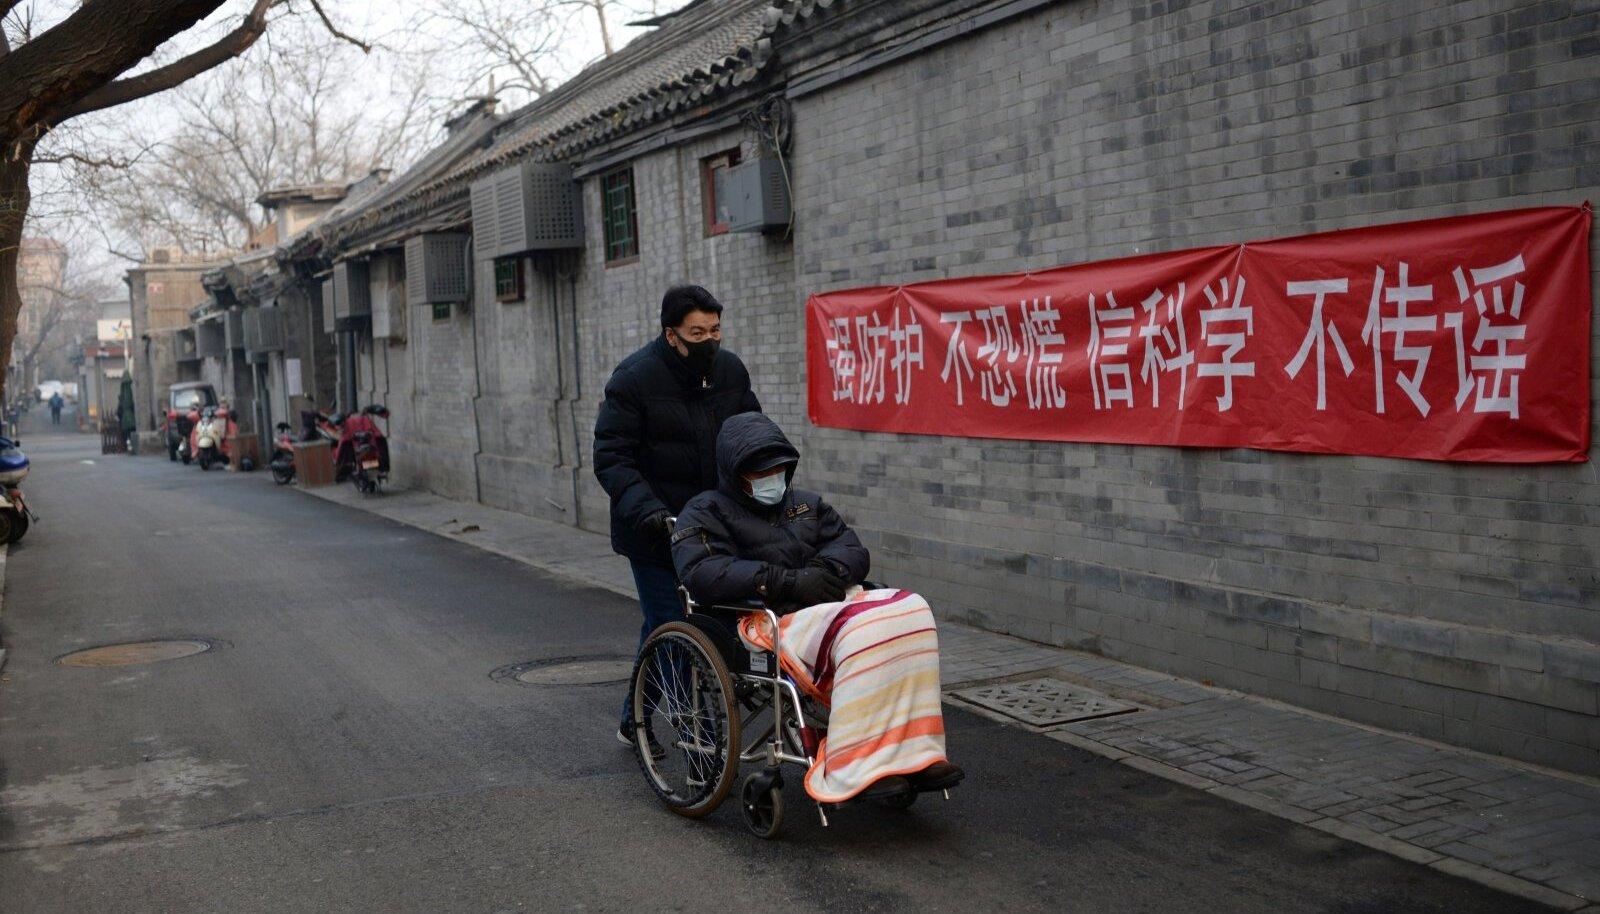 """""""Hoiduge paanikast, uskuge teadlasi ja ärge levitage kuuldusi,"""" soovitab loosung Pekingi tänaval."""